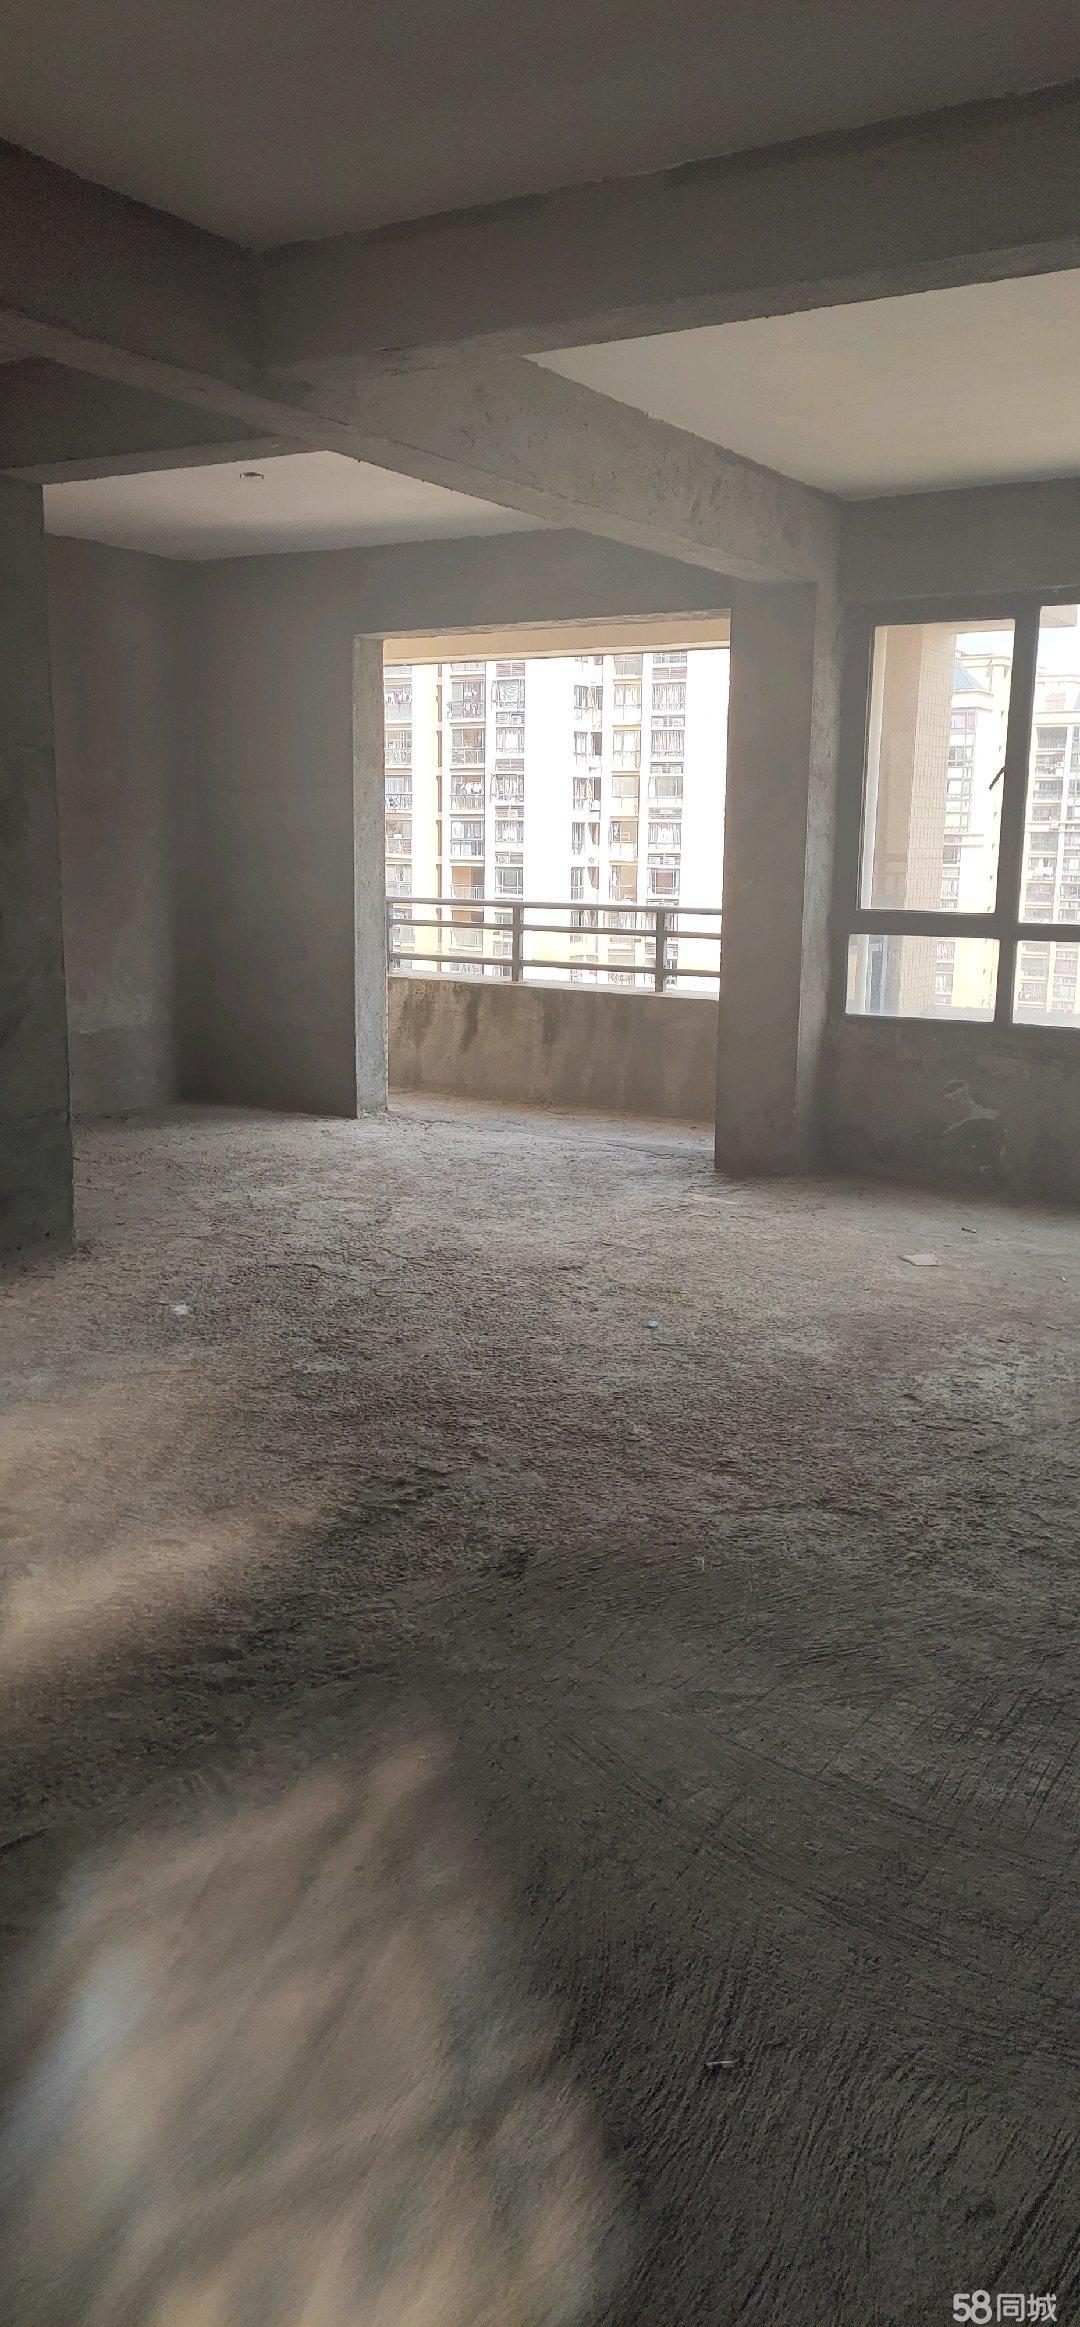 世紀城精品兩室兩廳兩衛現房出售